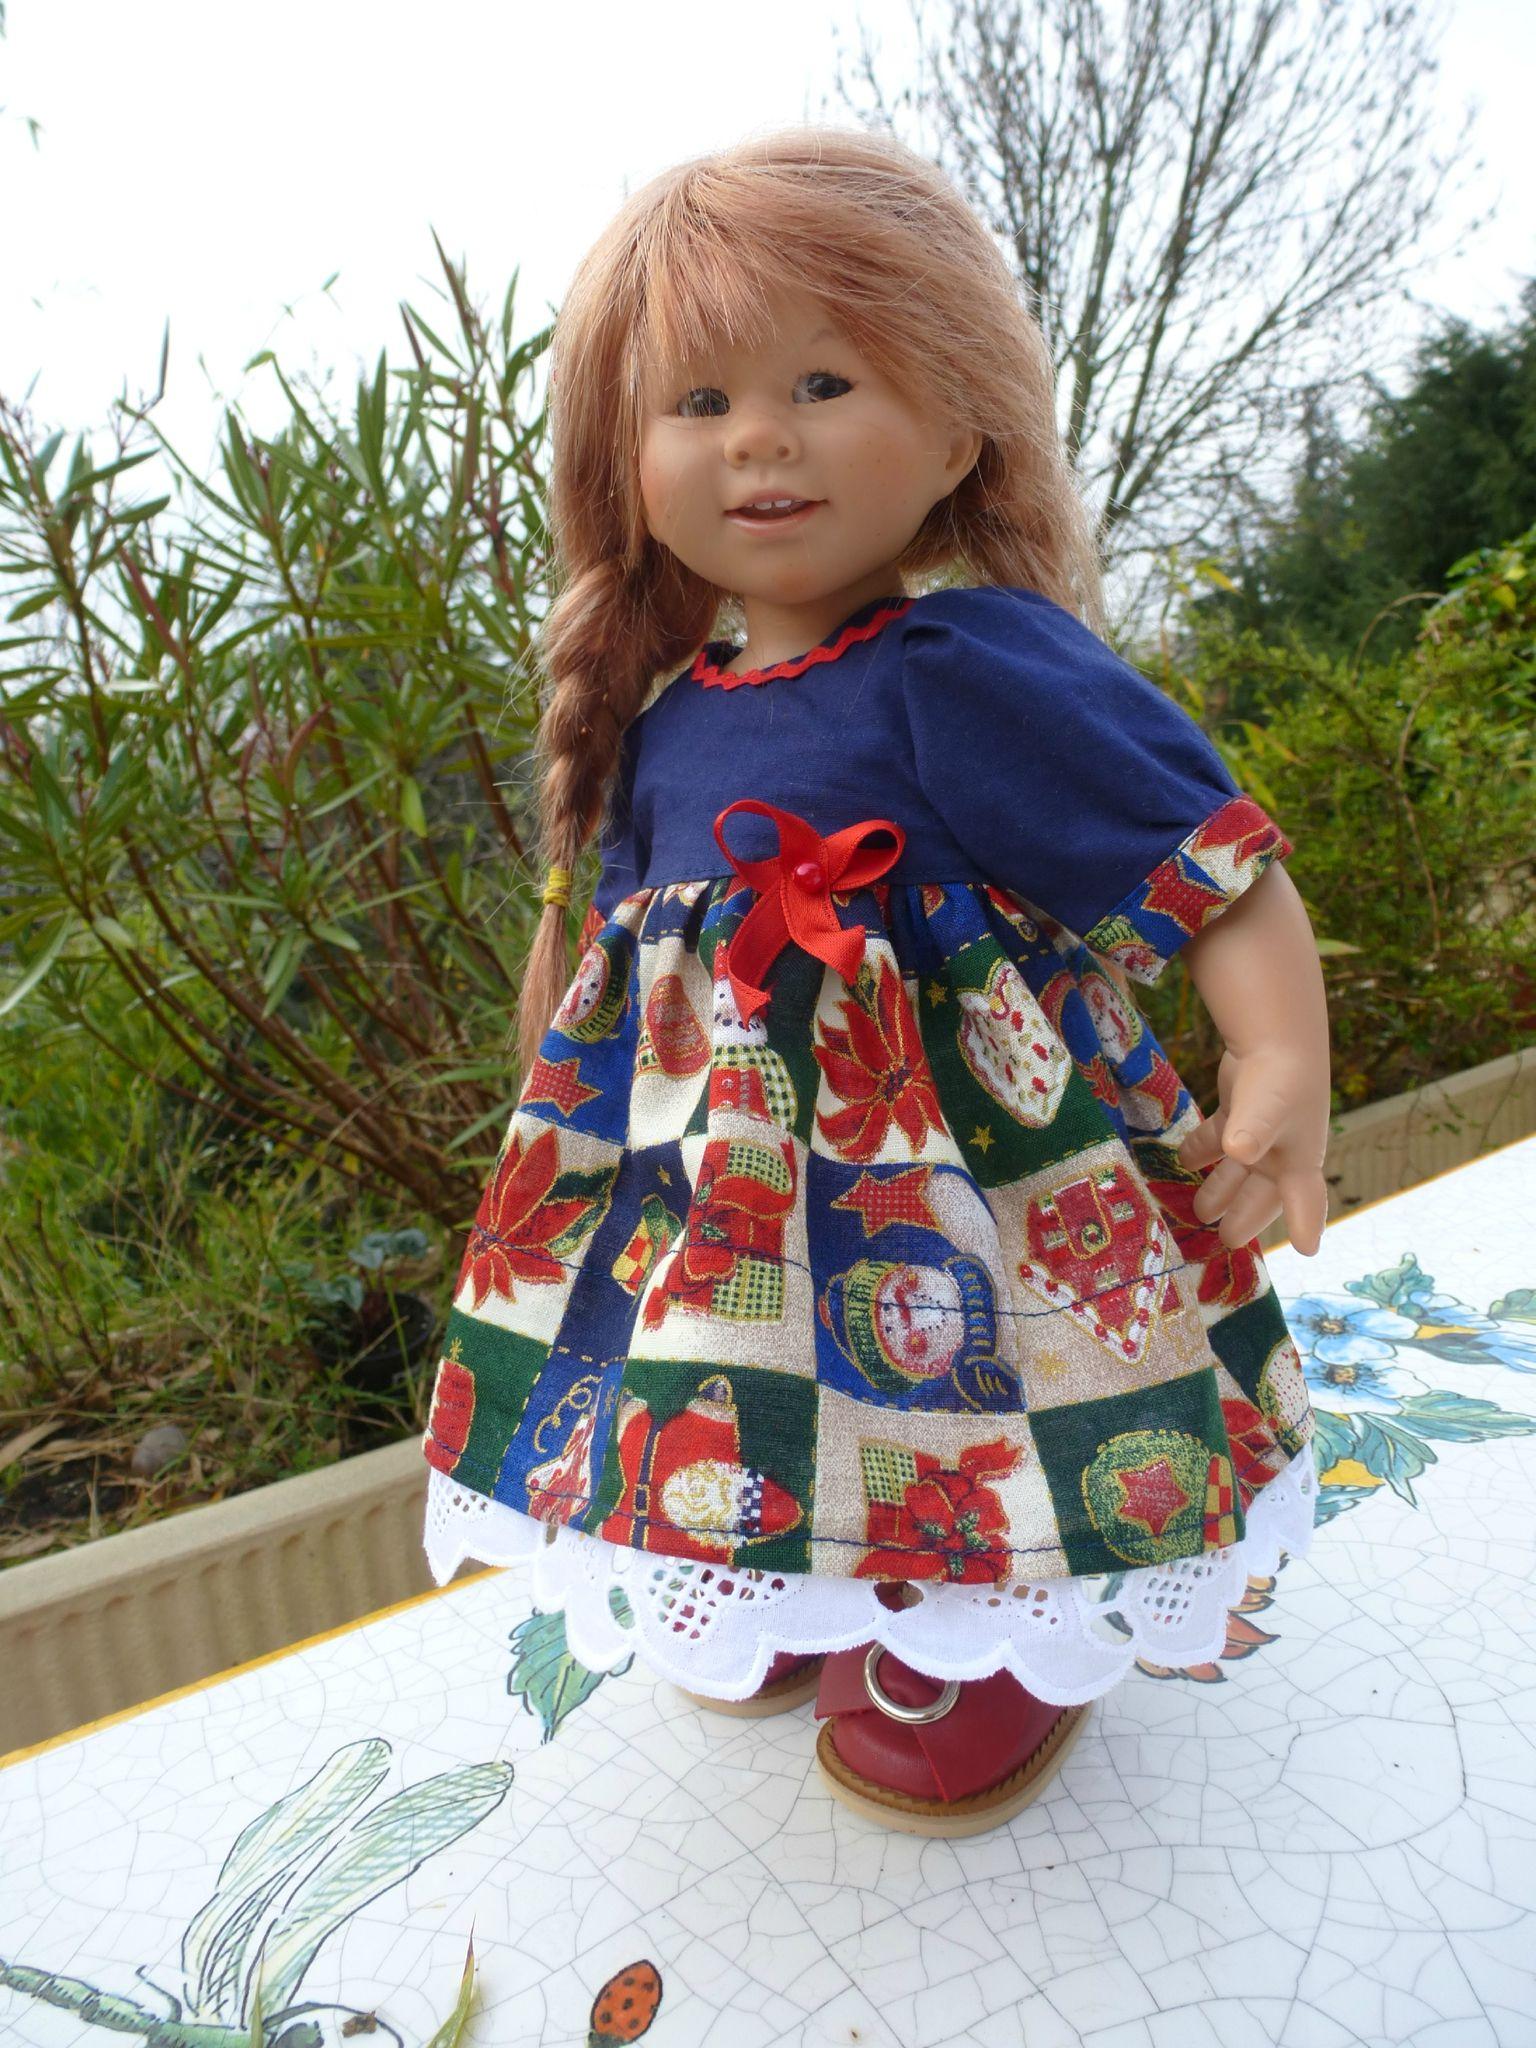 Petite robe de Noël, haut bleu marine, bas motifs Noël... disponible...15 € et 2,20 fdp - De Fil En Couleurs